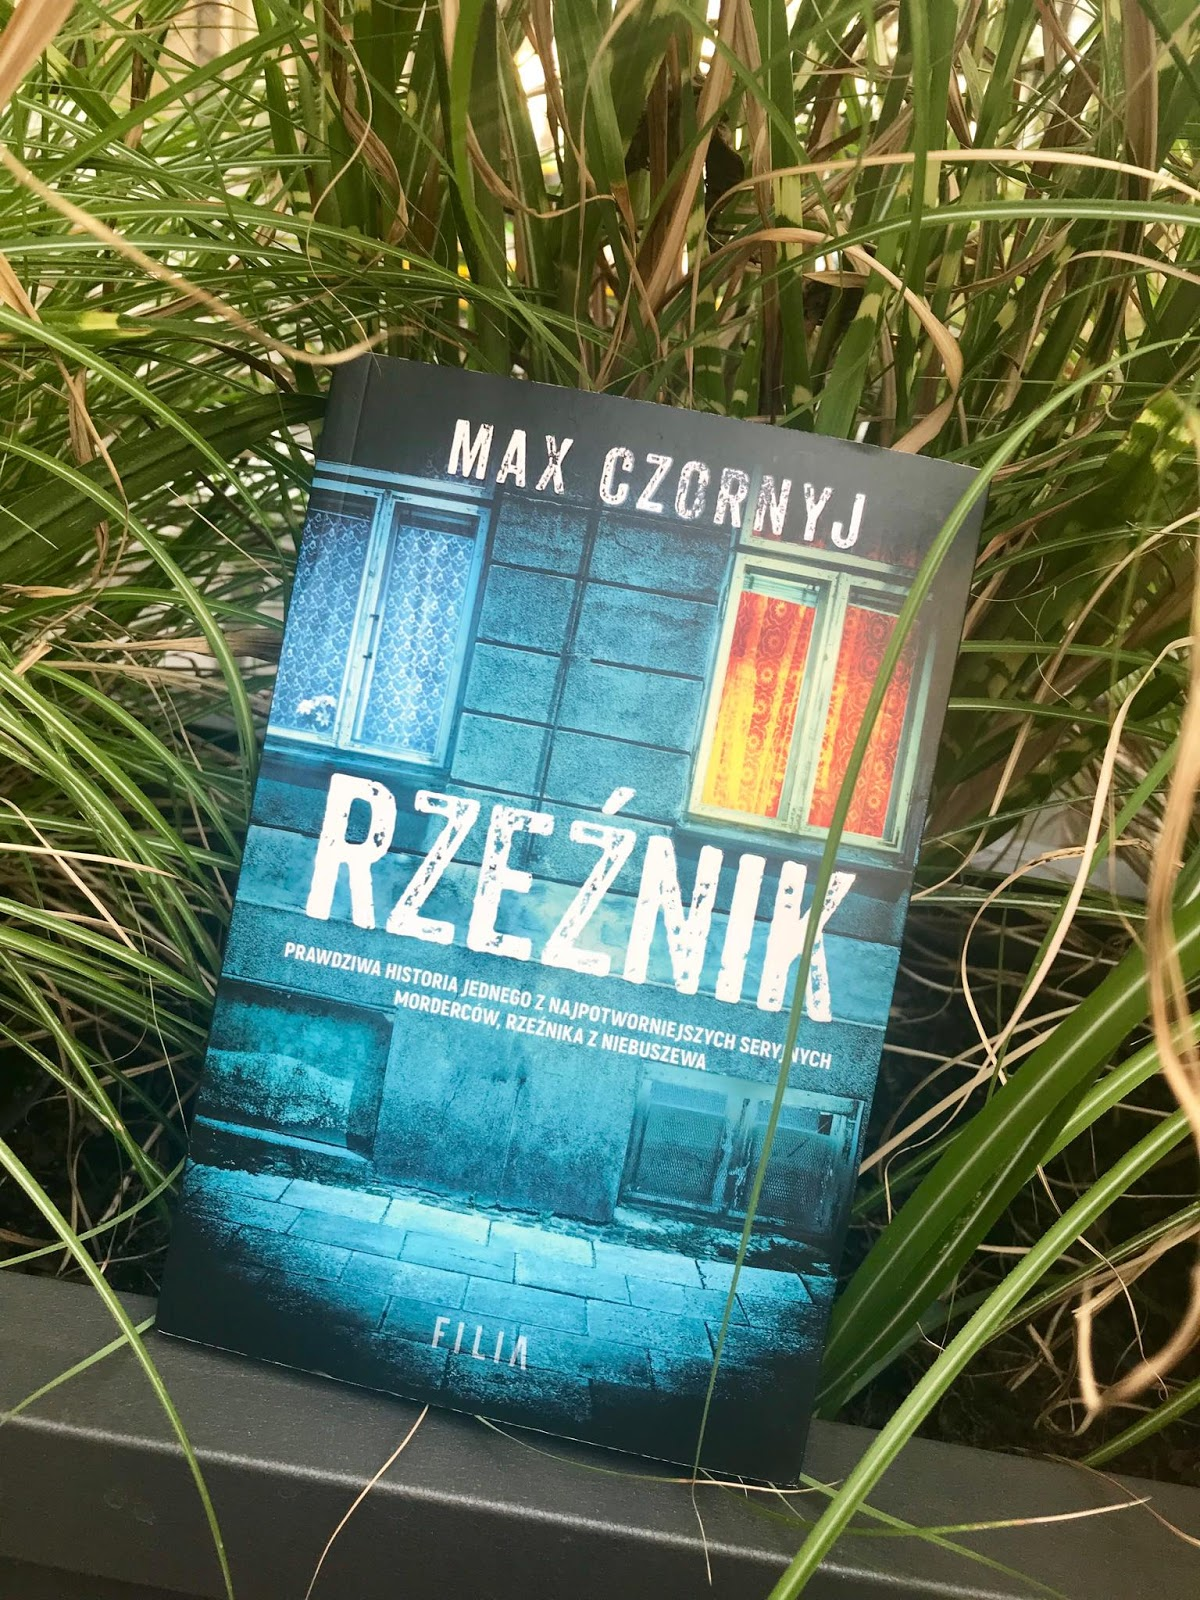 Max Czornyj - Rzeźnik